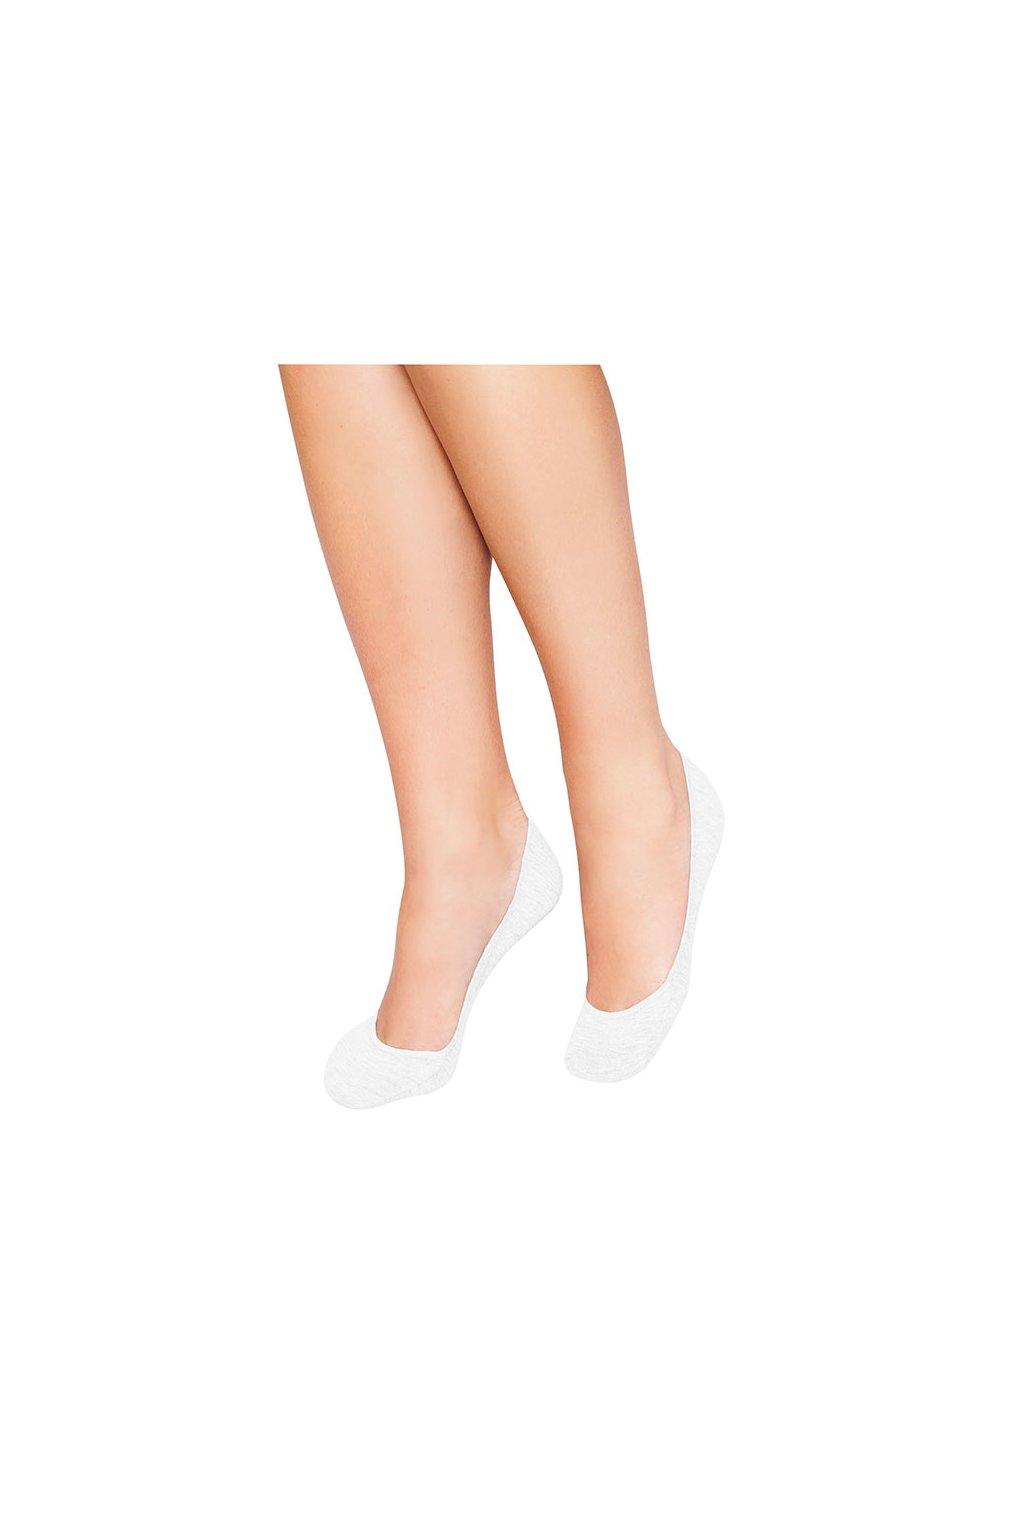 Ponožky do balerín, 1A001 1, bílá